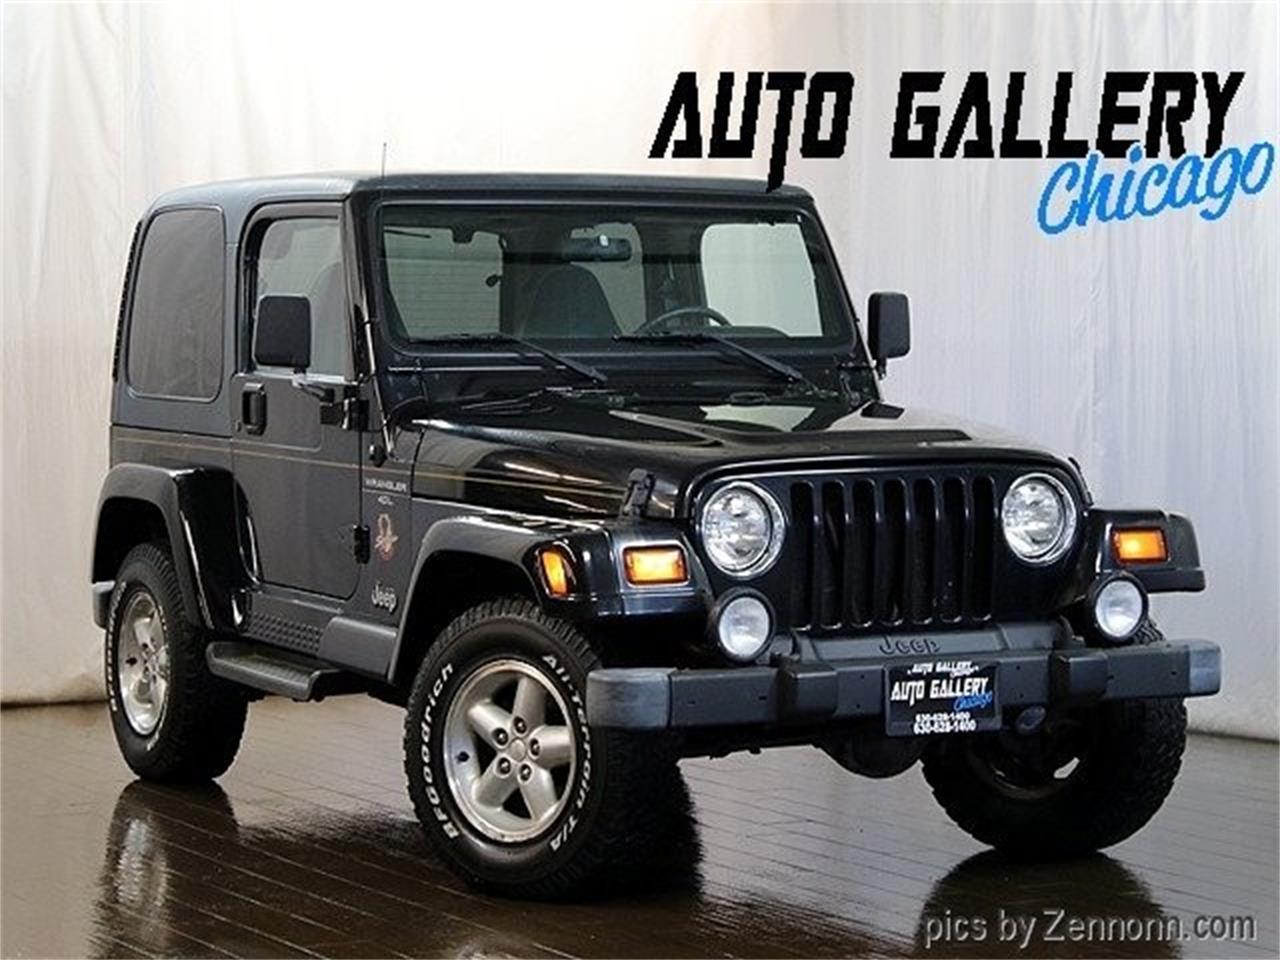 1999 Jeep Wrangler For Sale >> 1999 Jeep Wrangler For Sale Classiccars Com Cc 1207893